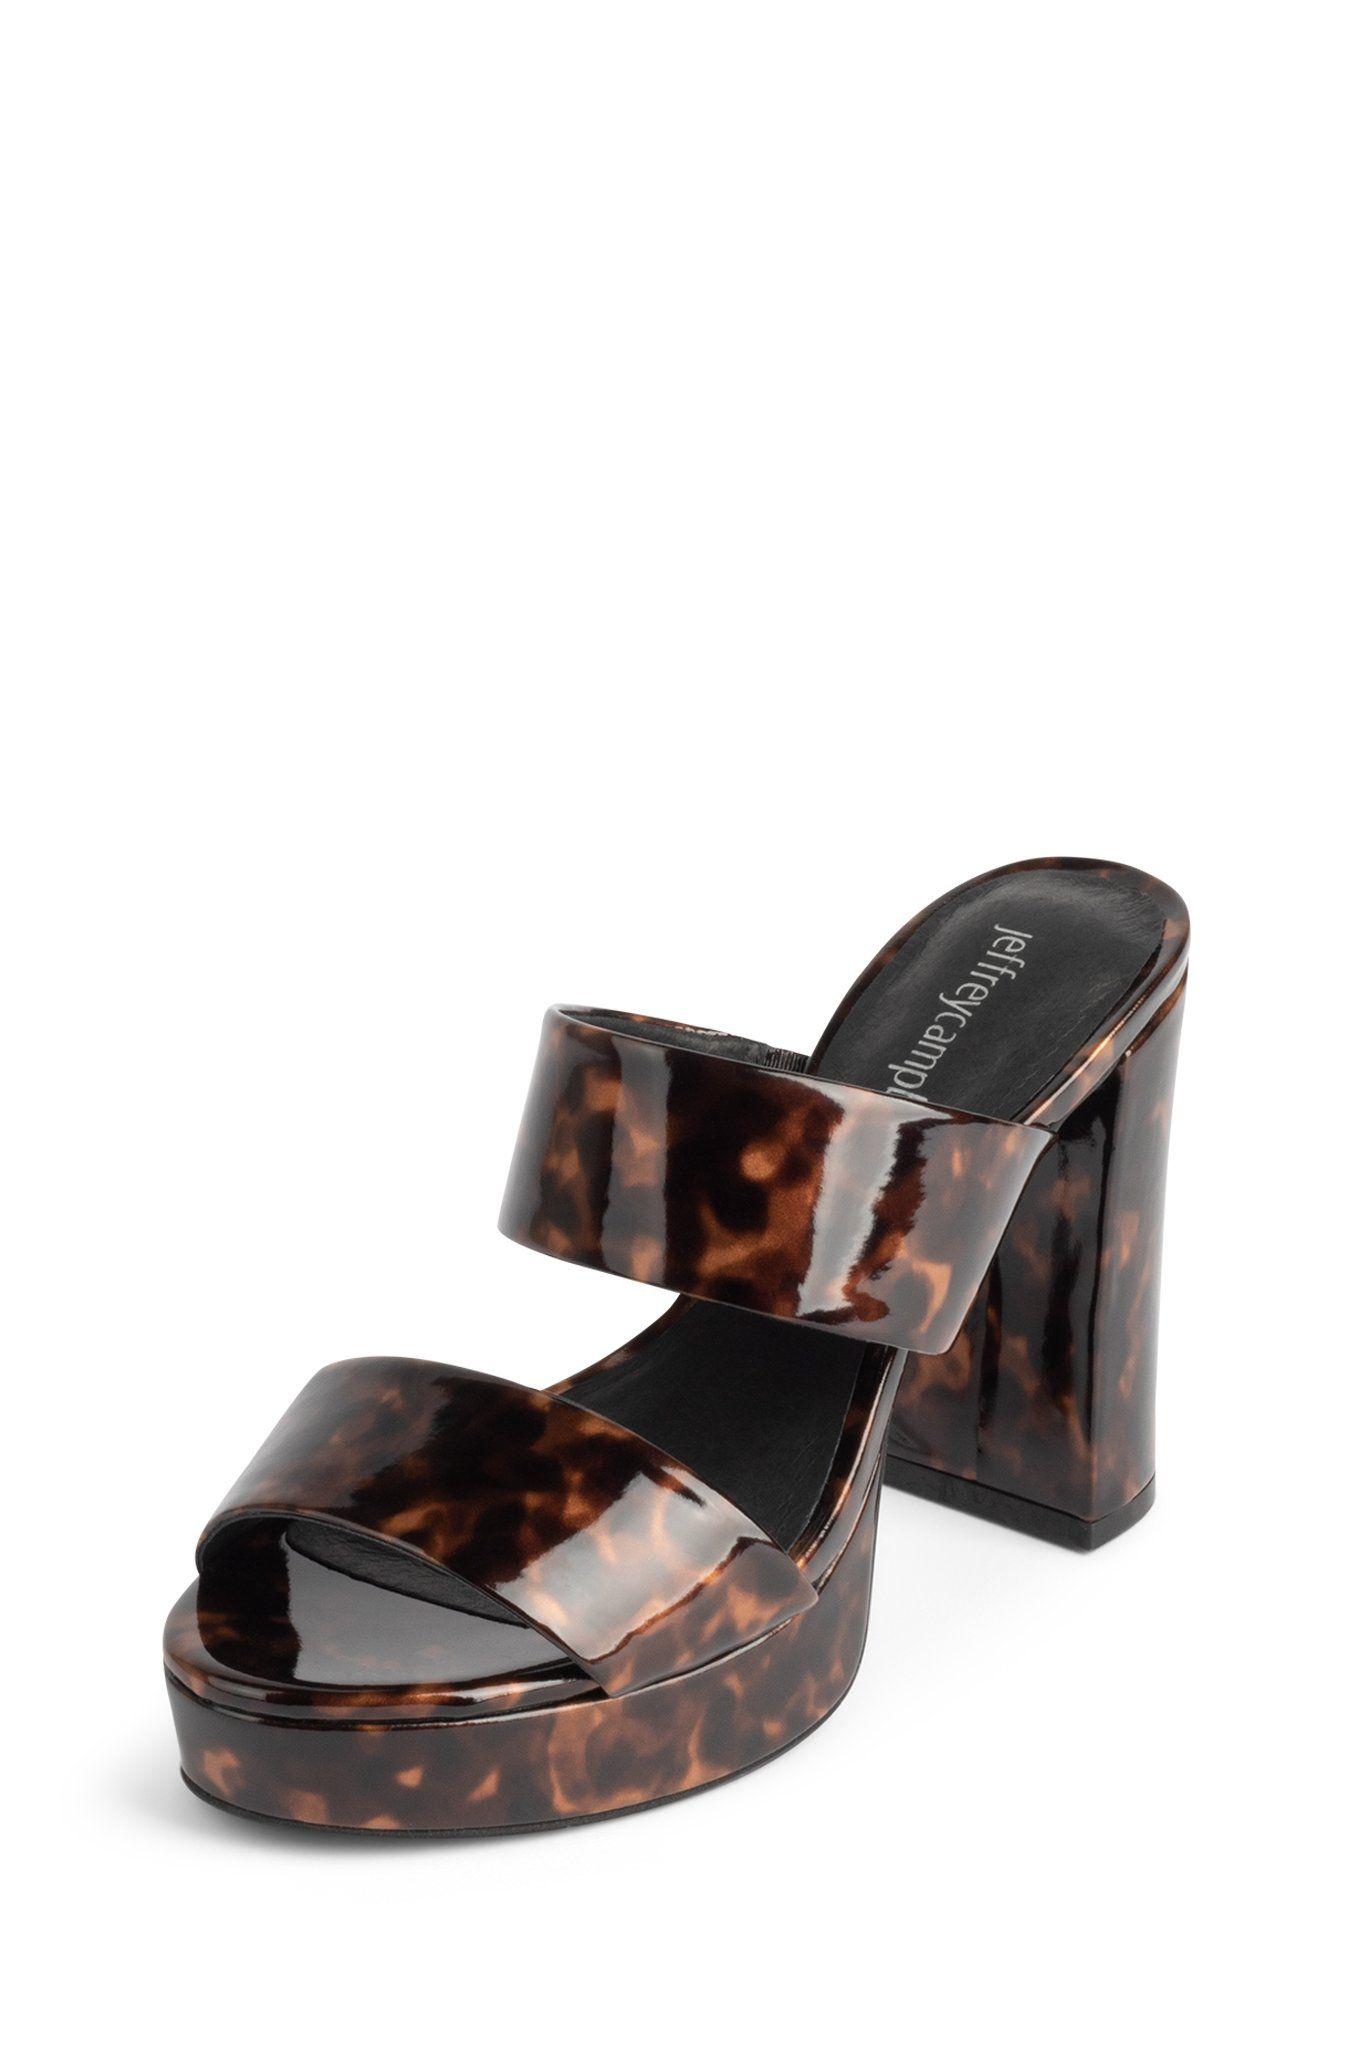 9e8fd887f3d4 ADRIANA - Jeffrey Campbell. ADRIANA - Jeffrey Campbell Platform Shoes